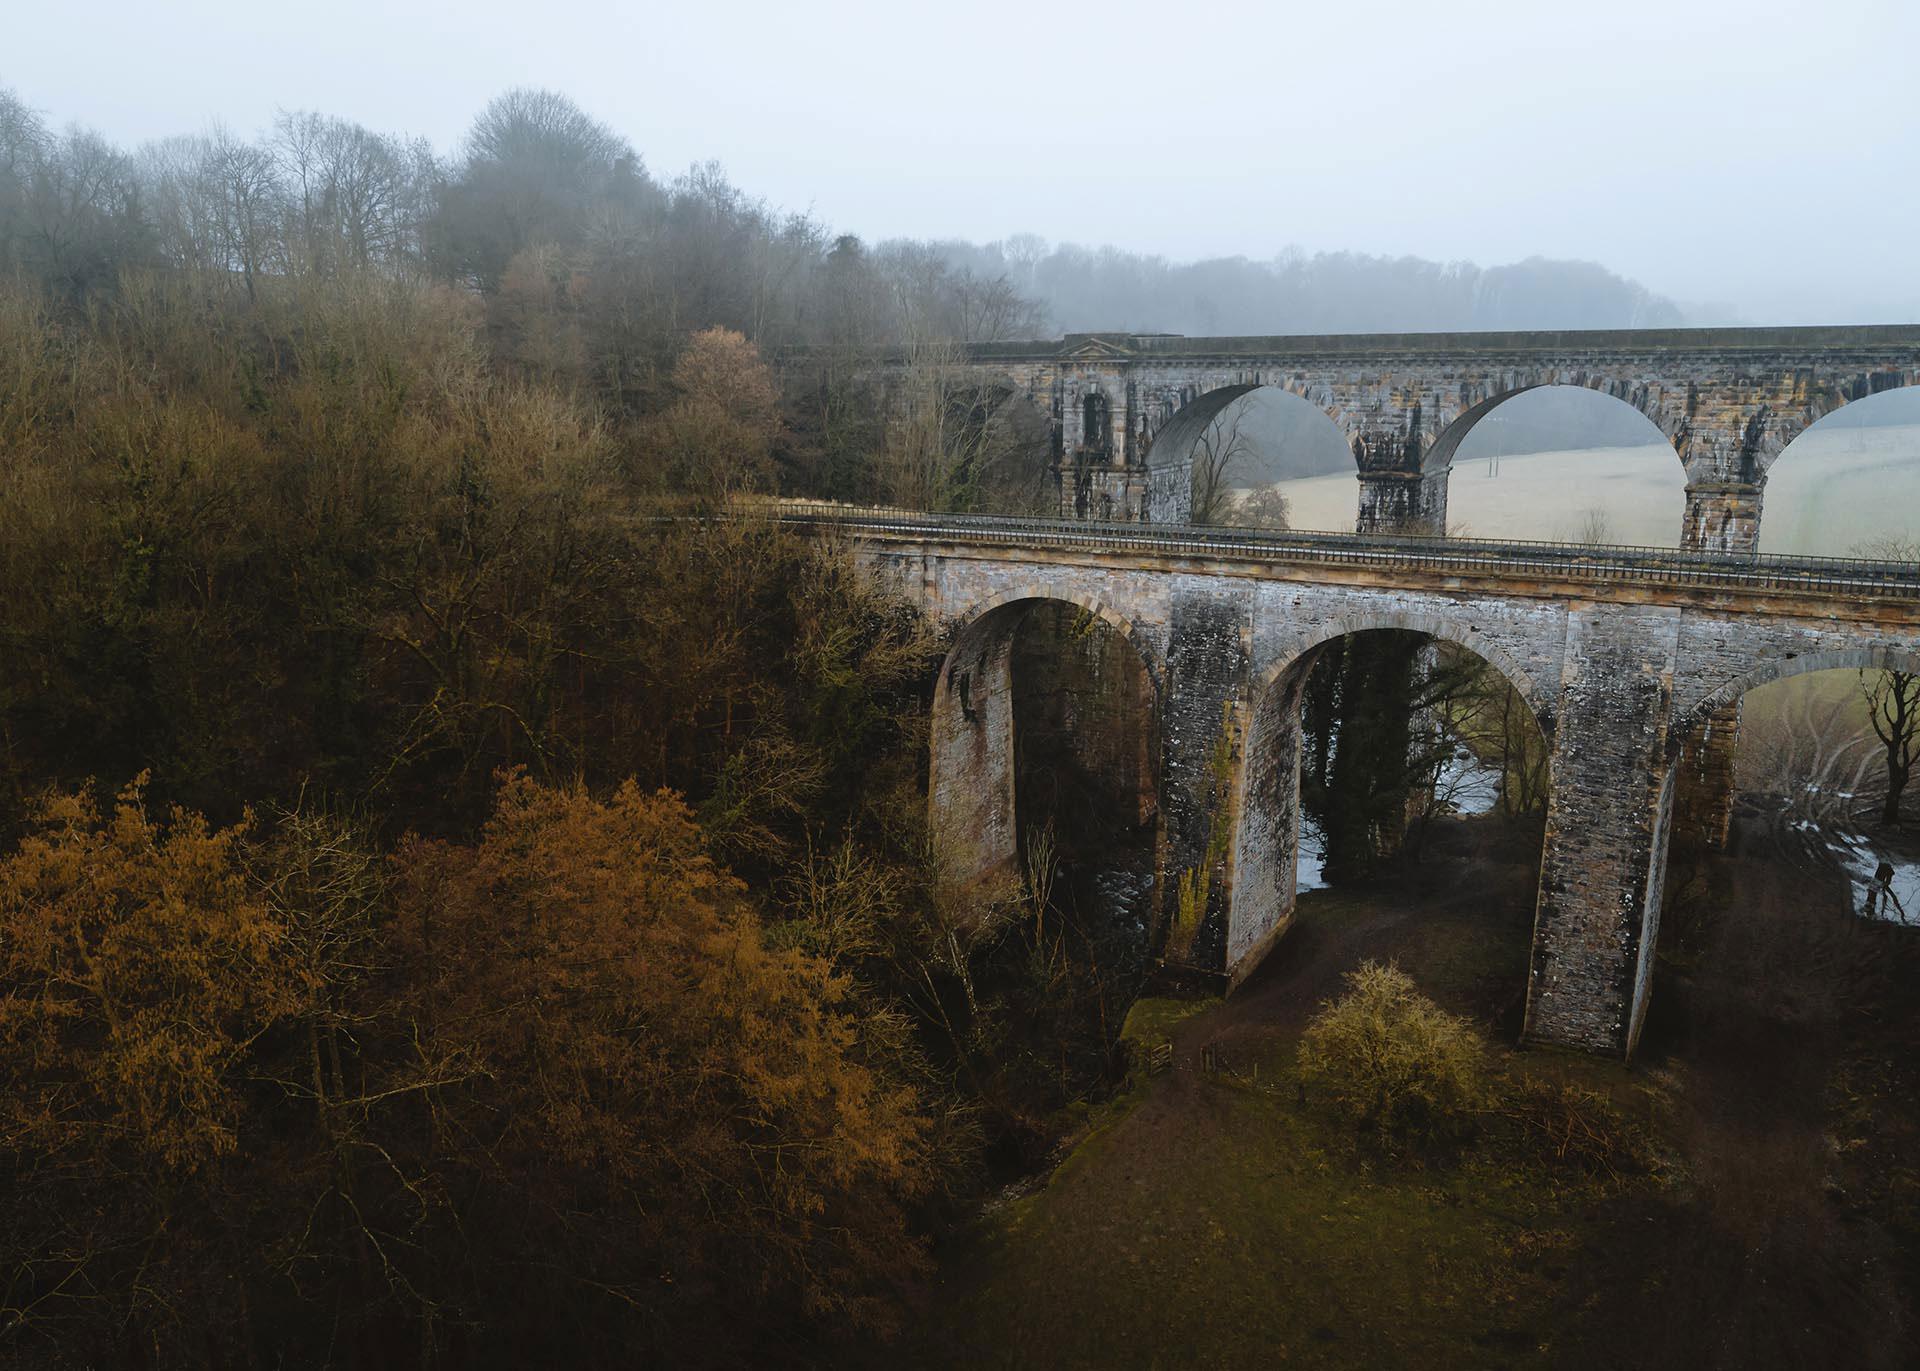 Dyfrbont Ddŵr y Waun a'r draphont uchel y tu ôl i gario rheilffordd Caer - Amwythig / The Chirk Aqueduct and the towering viaduct behind carrying the Chester - Shrewsbury railway